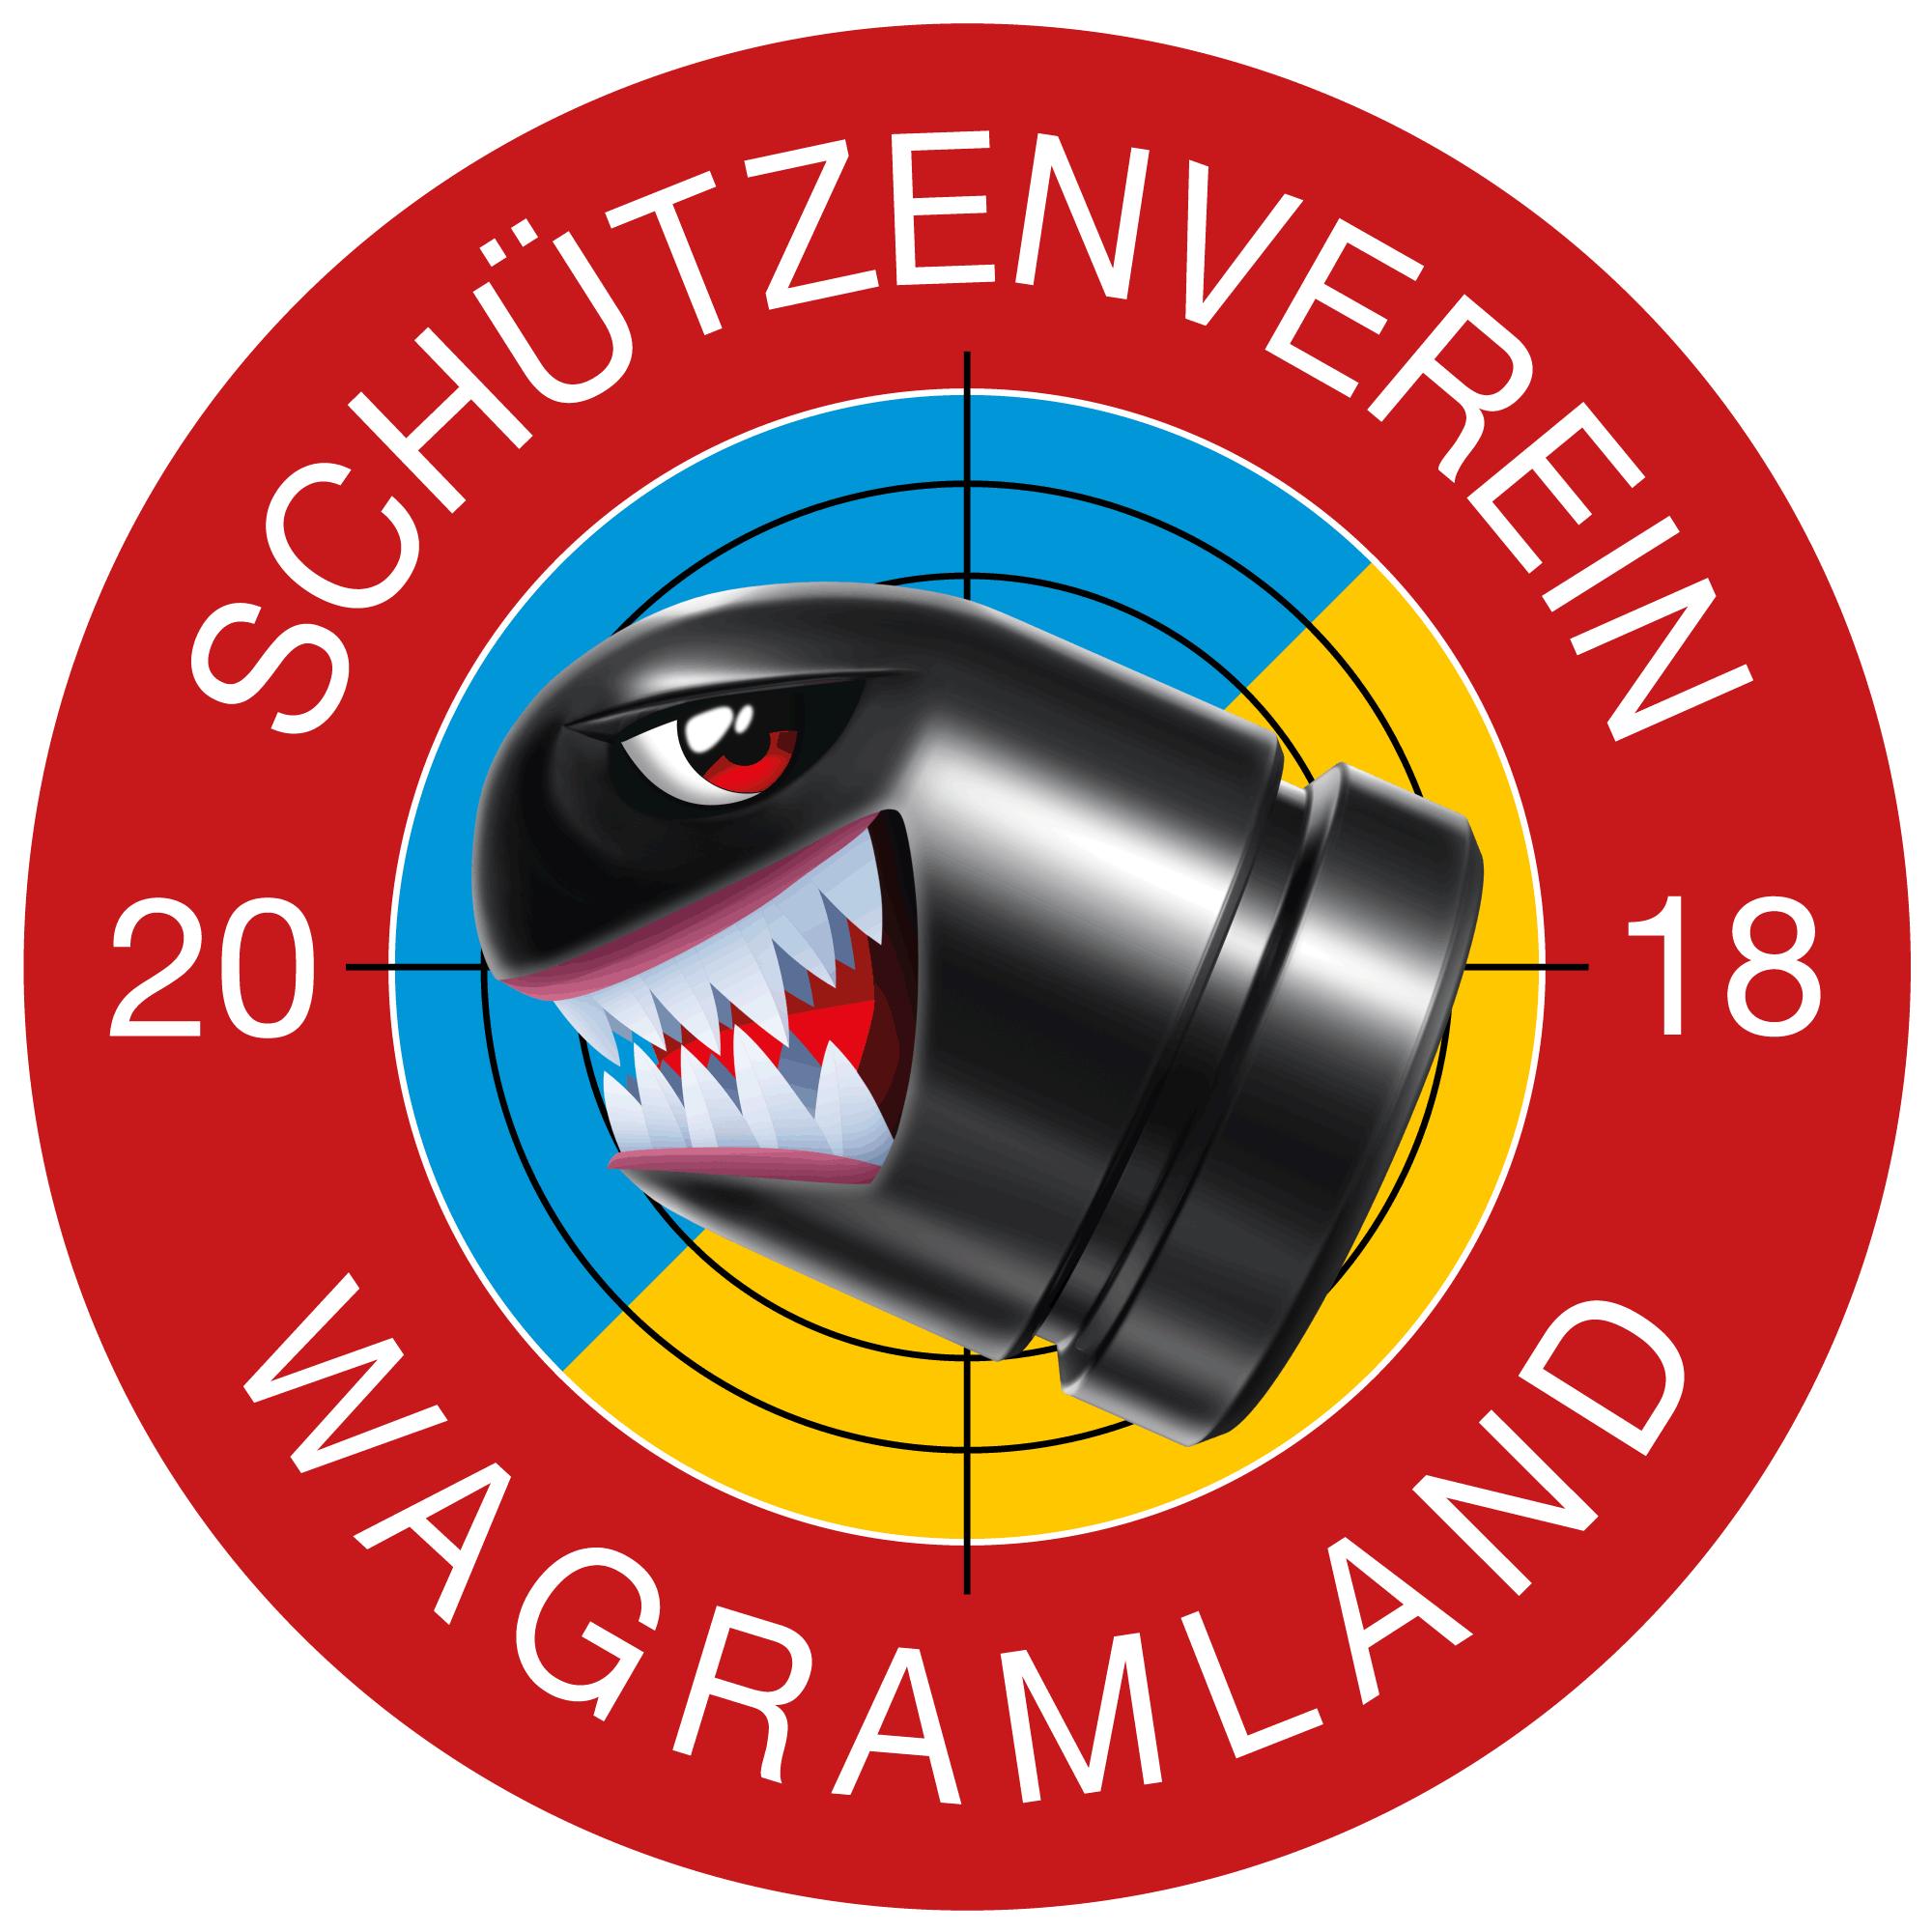 Schützenverein Wagramland